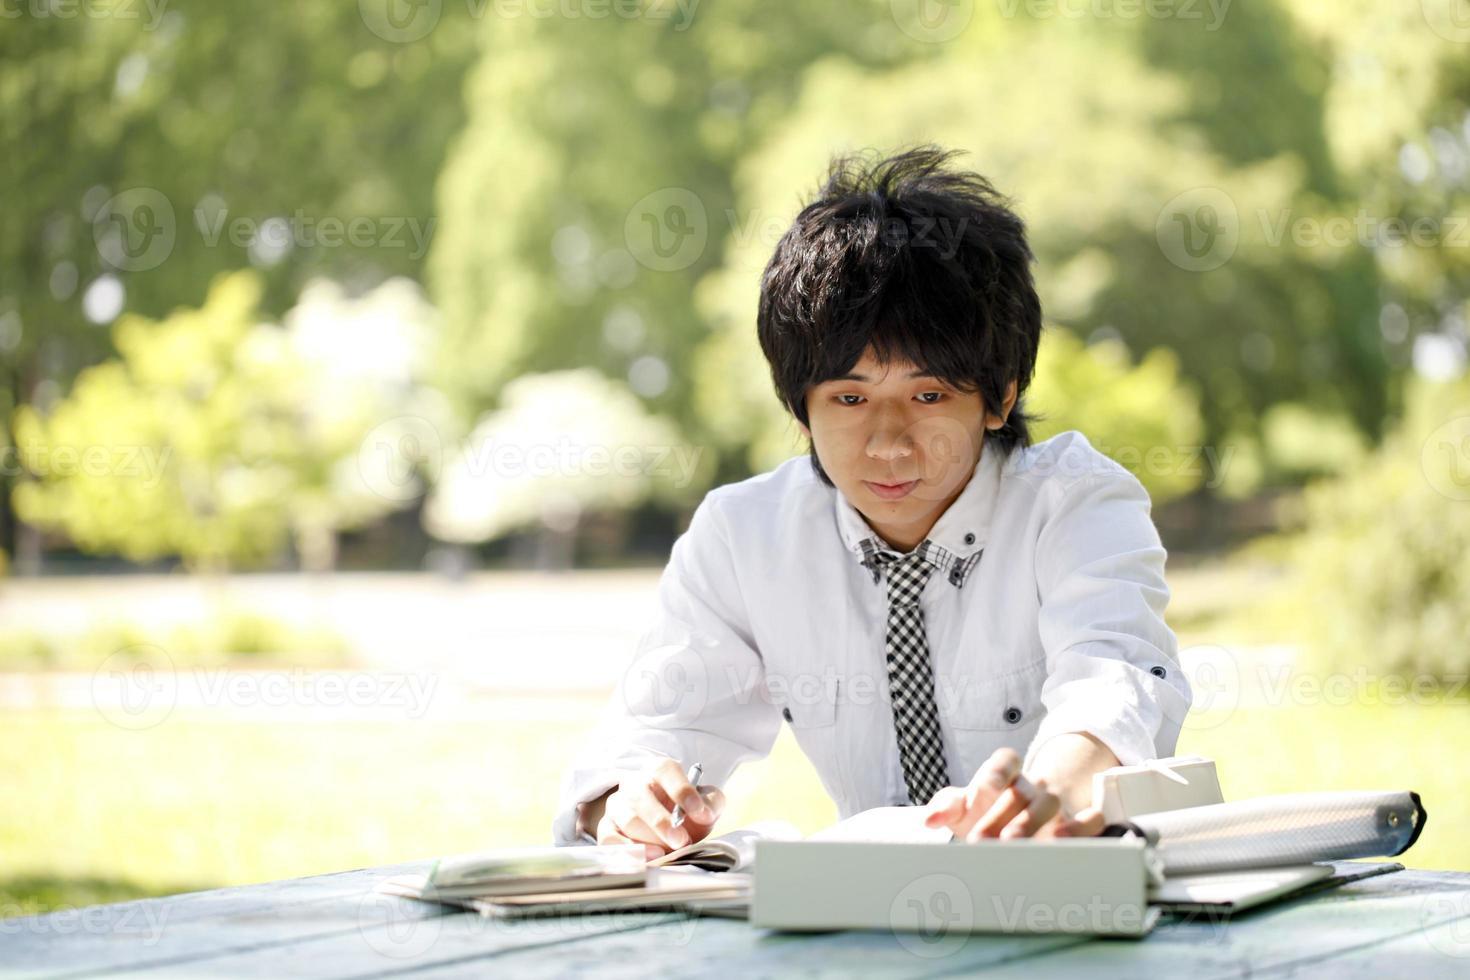 studente che studia. foto